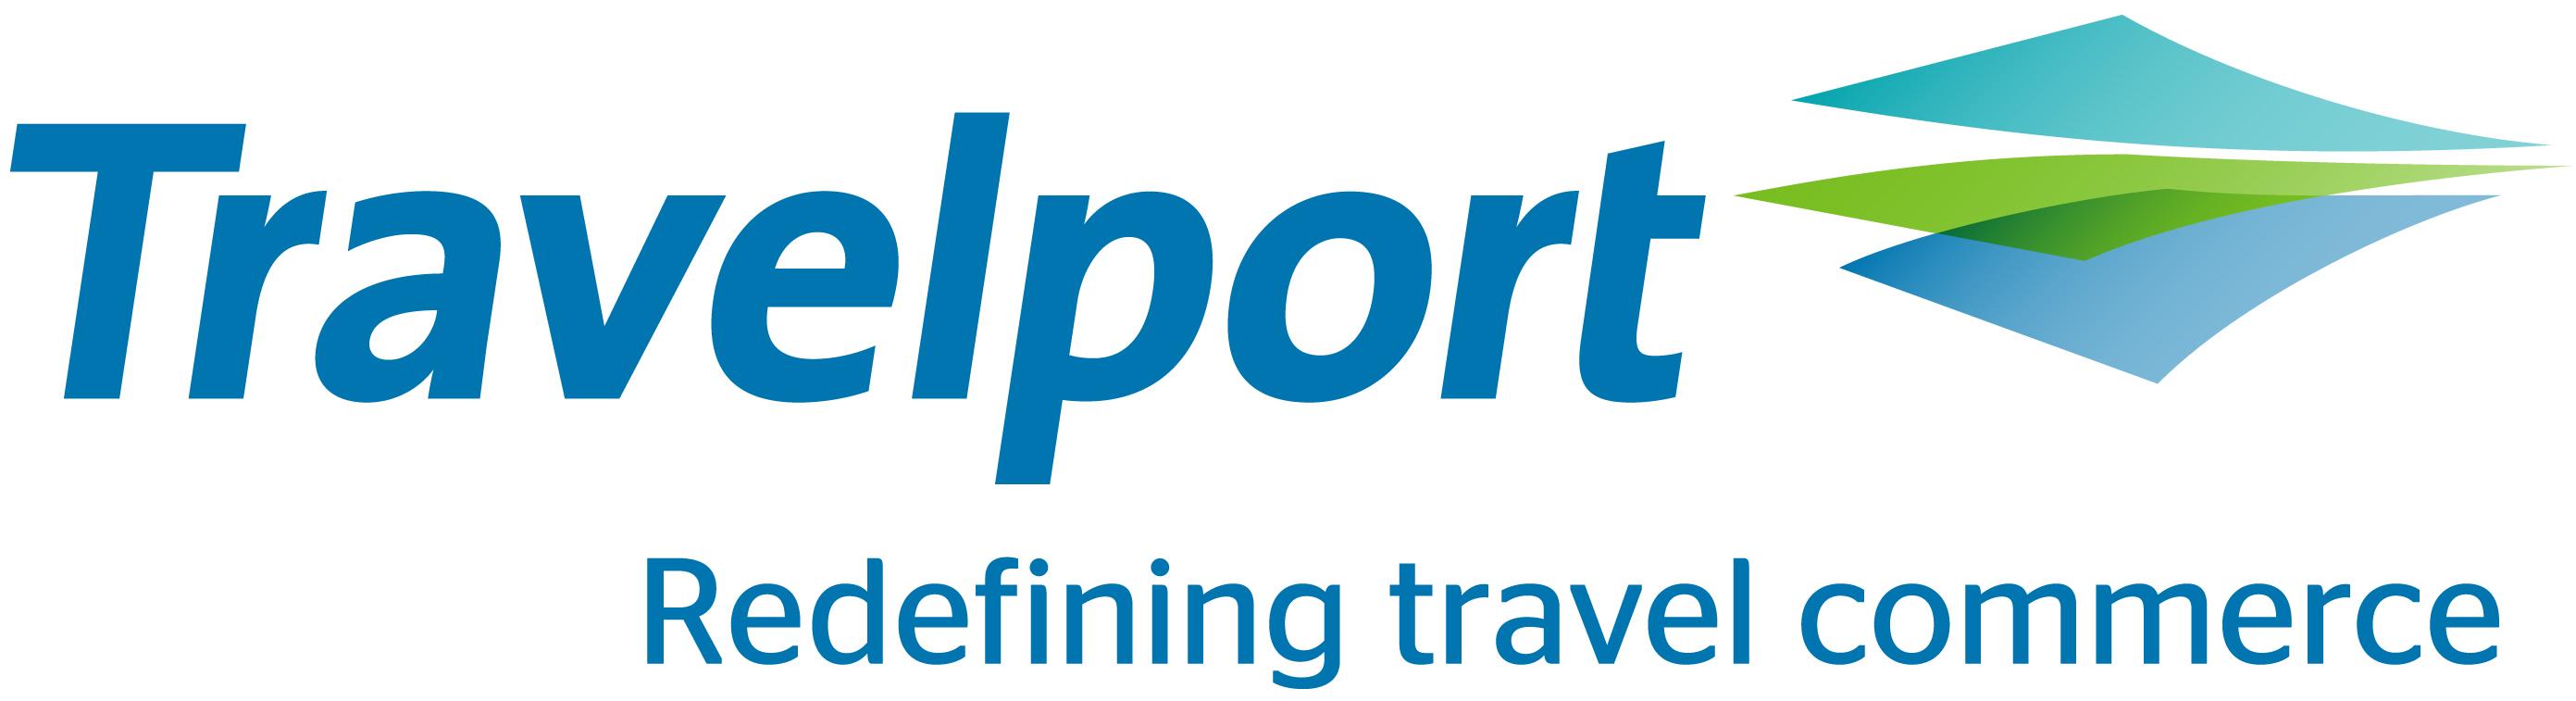 Neu: Travelport Resolve hilft Airlines und Passagieren bei Flugausfällen und massiven Verspätungen